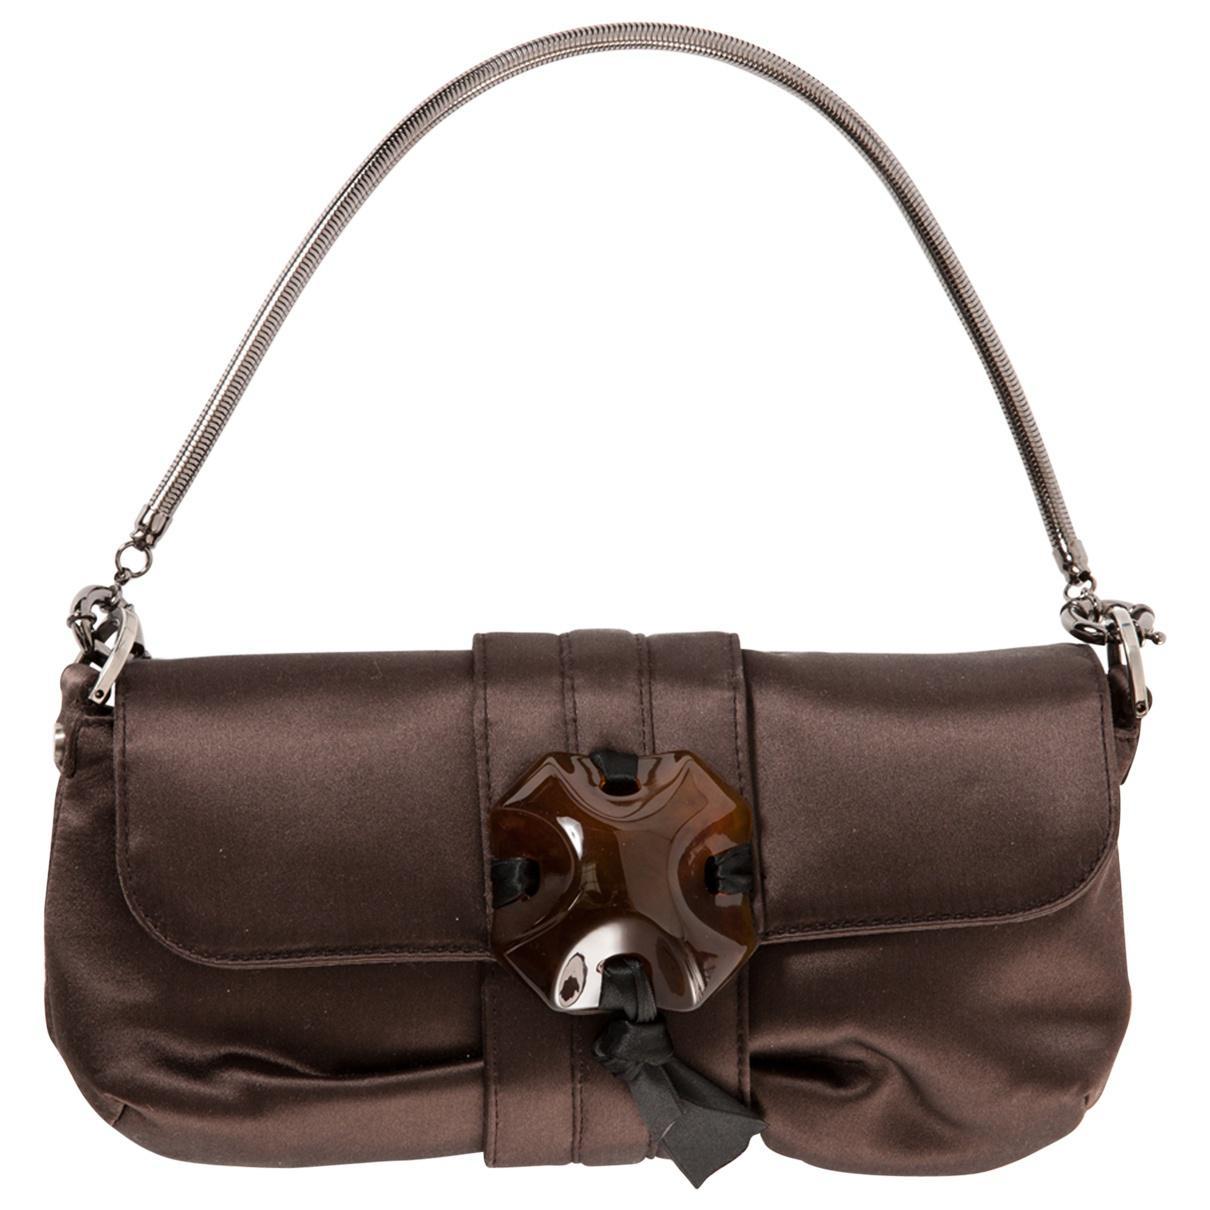 Lanvin Pre-owned - Cloth handbag t1vkjqhTv